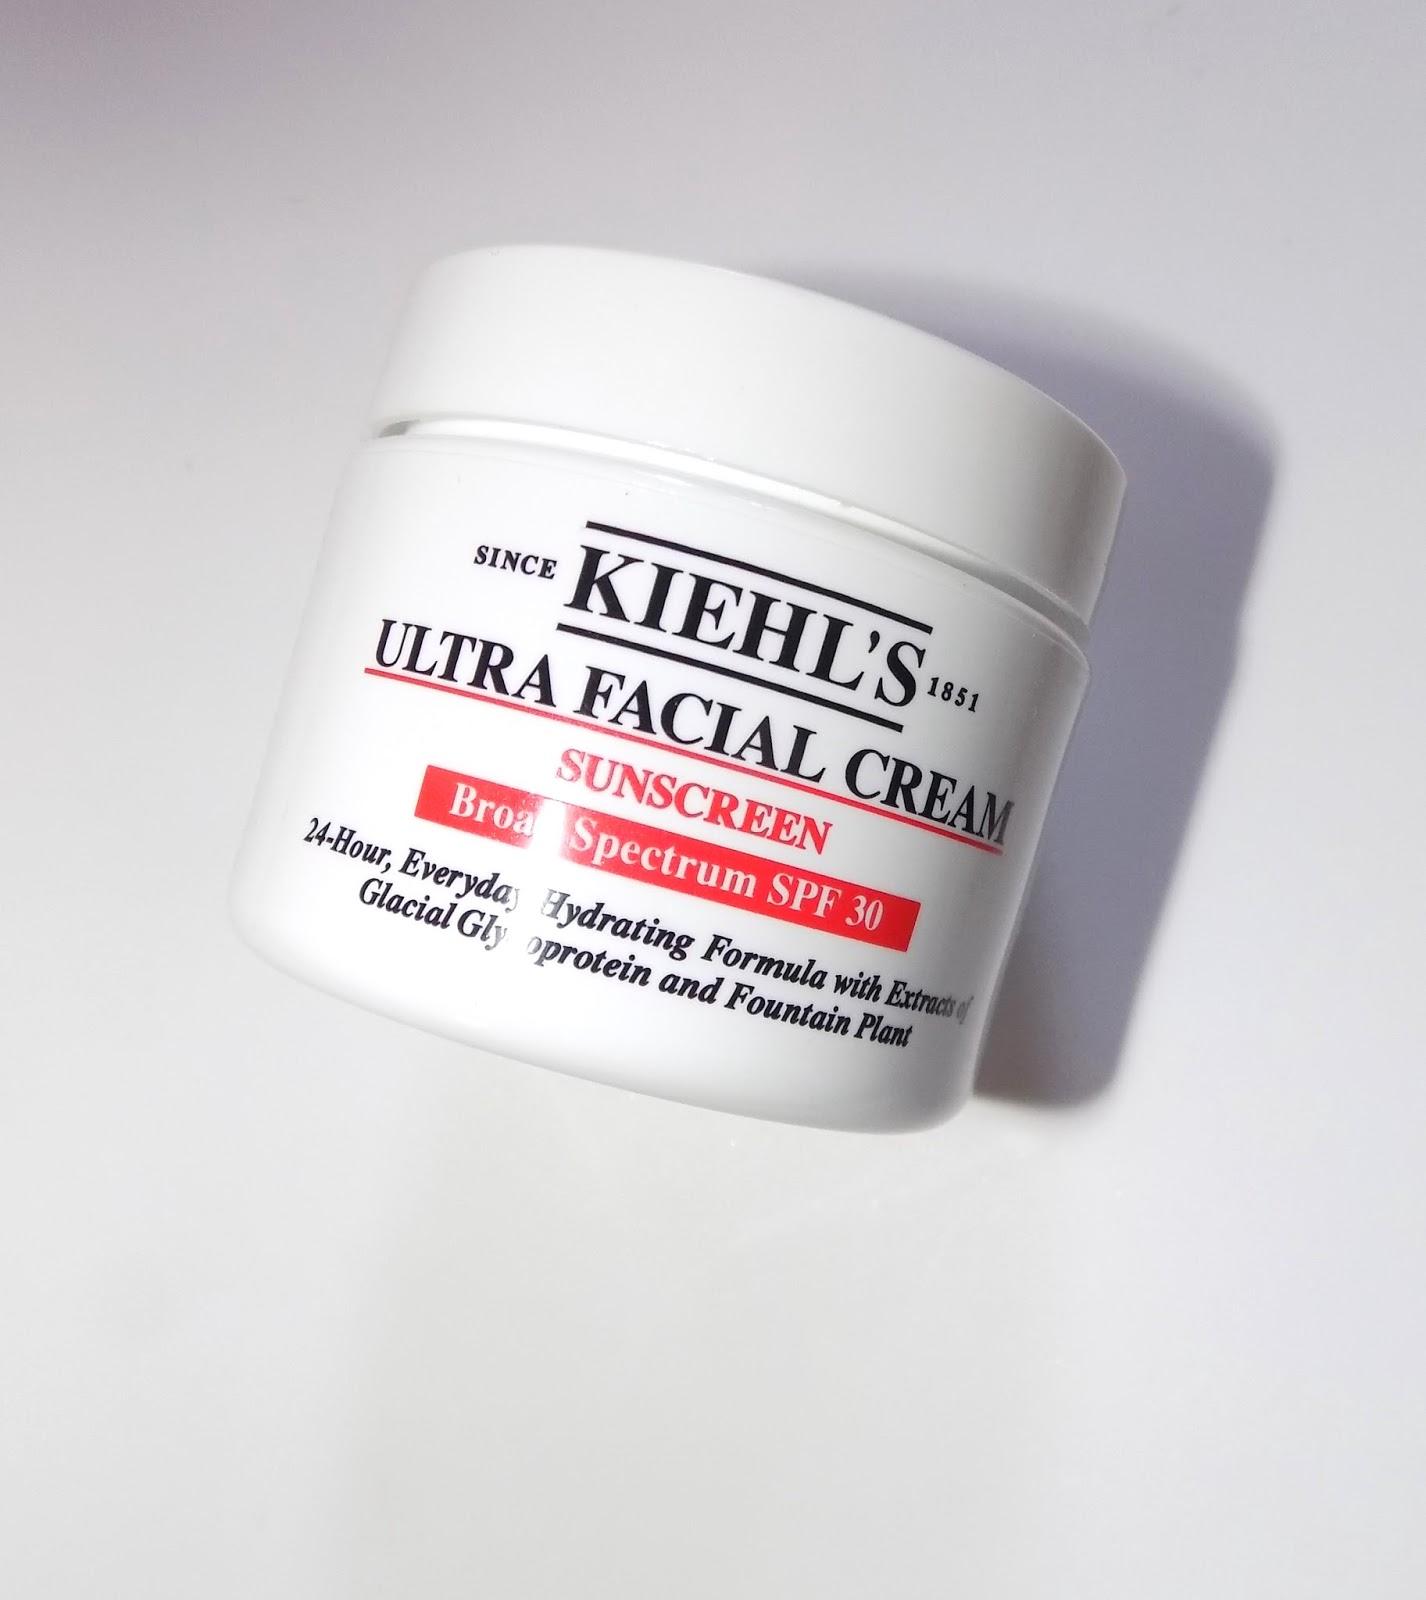 Kiehl s Ultra Facial Cream SPF 30